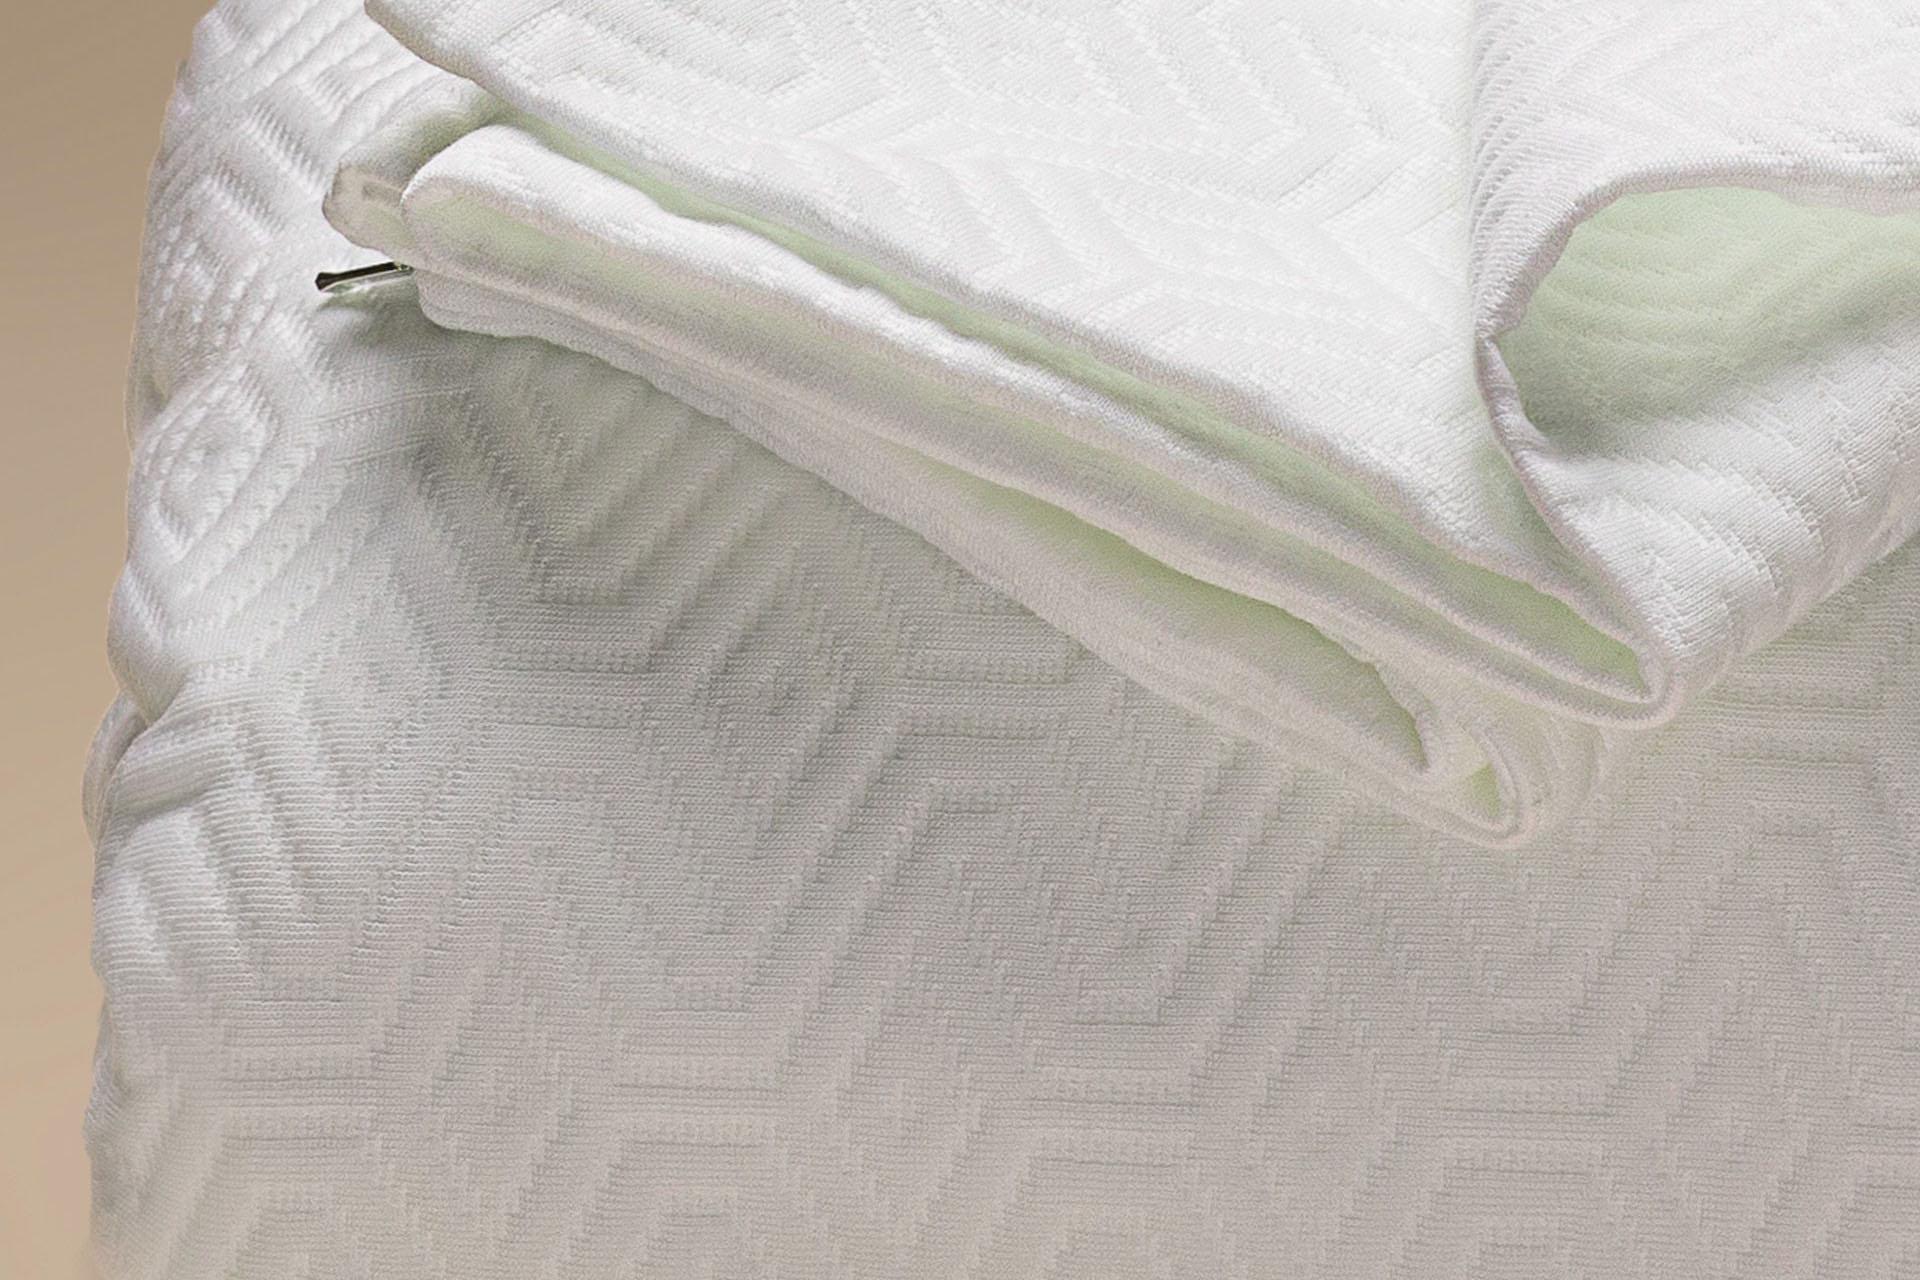 Dettaglio Copricuscino con coprimaterasso semi imbottito a cappuccio